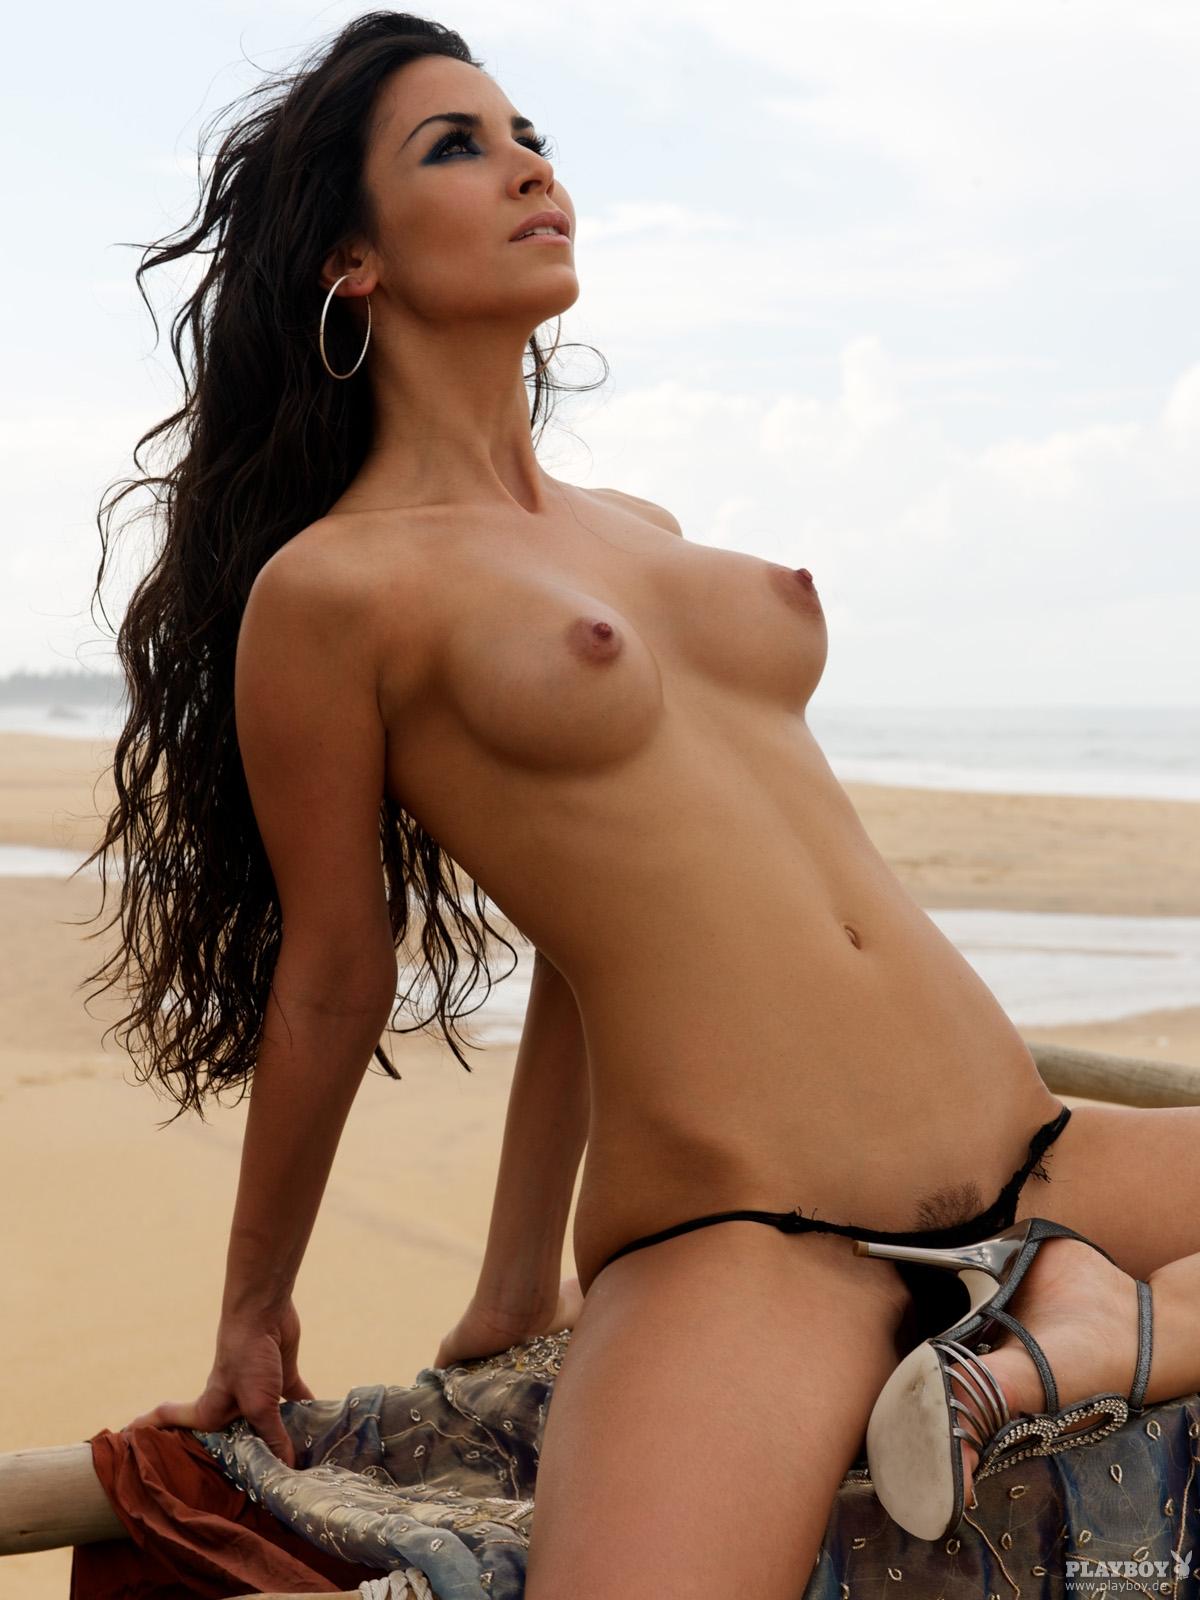 http://4.bp.blogspot.com/-oI4mWu2vZNs/TajV754U-nI/AAAAAAAAA1A/kkVlURnER0Q/s1600/DSC_3260.jpg